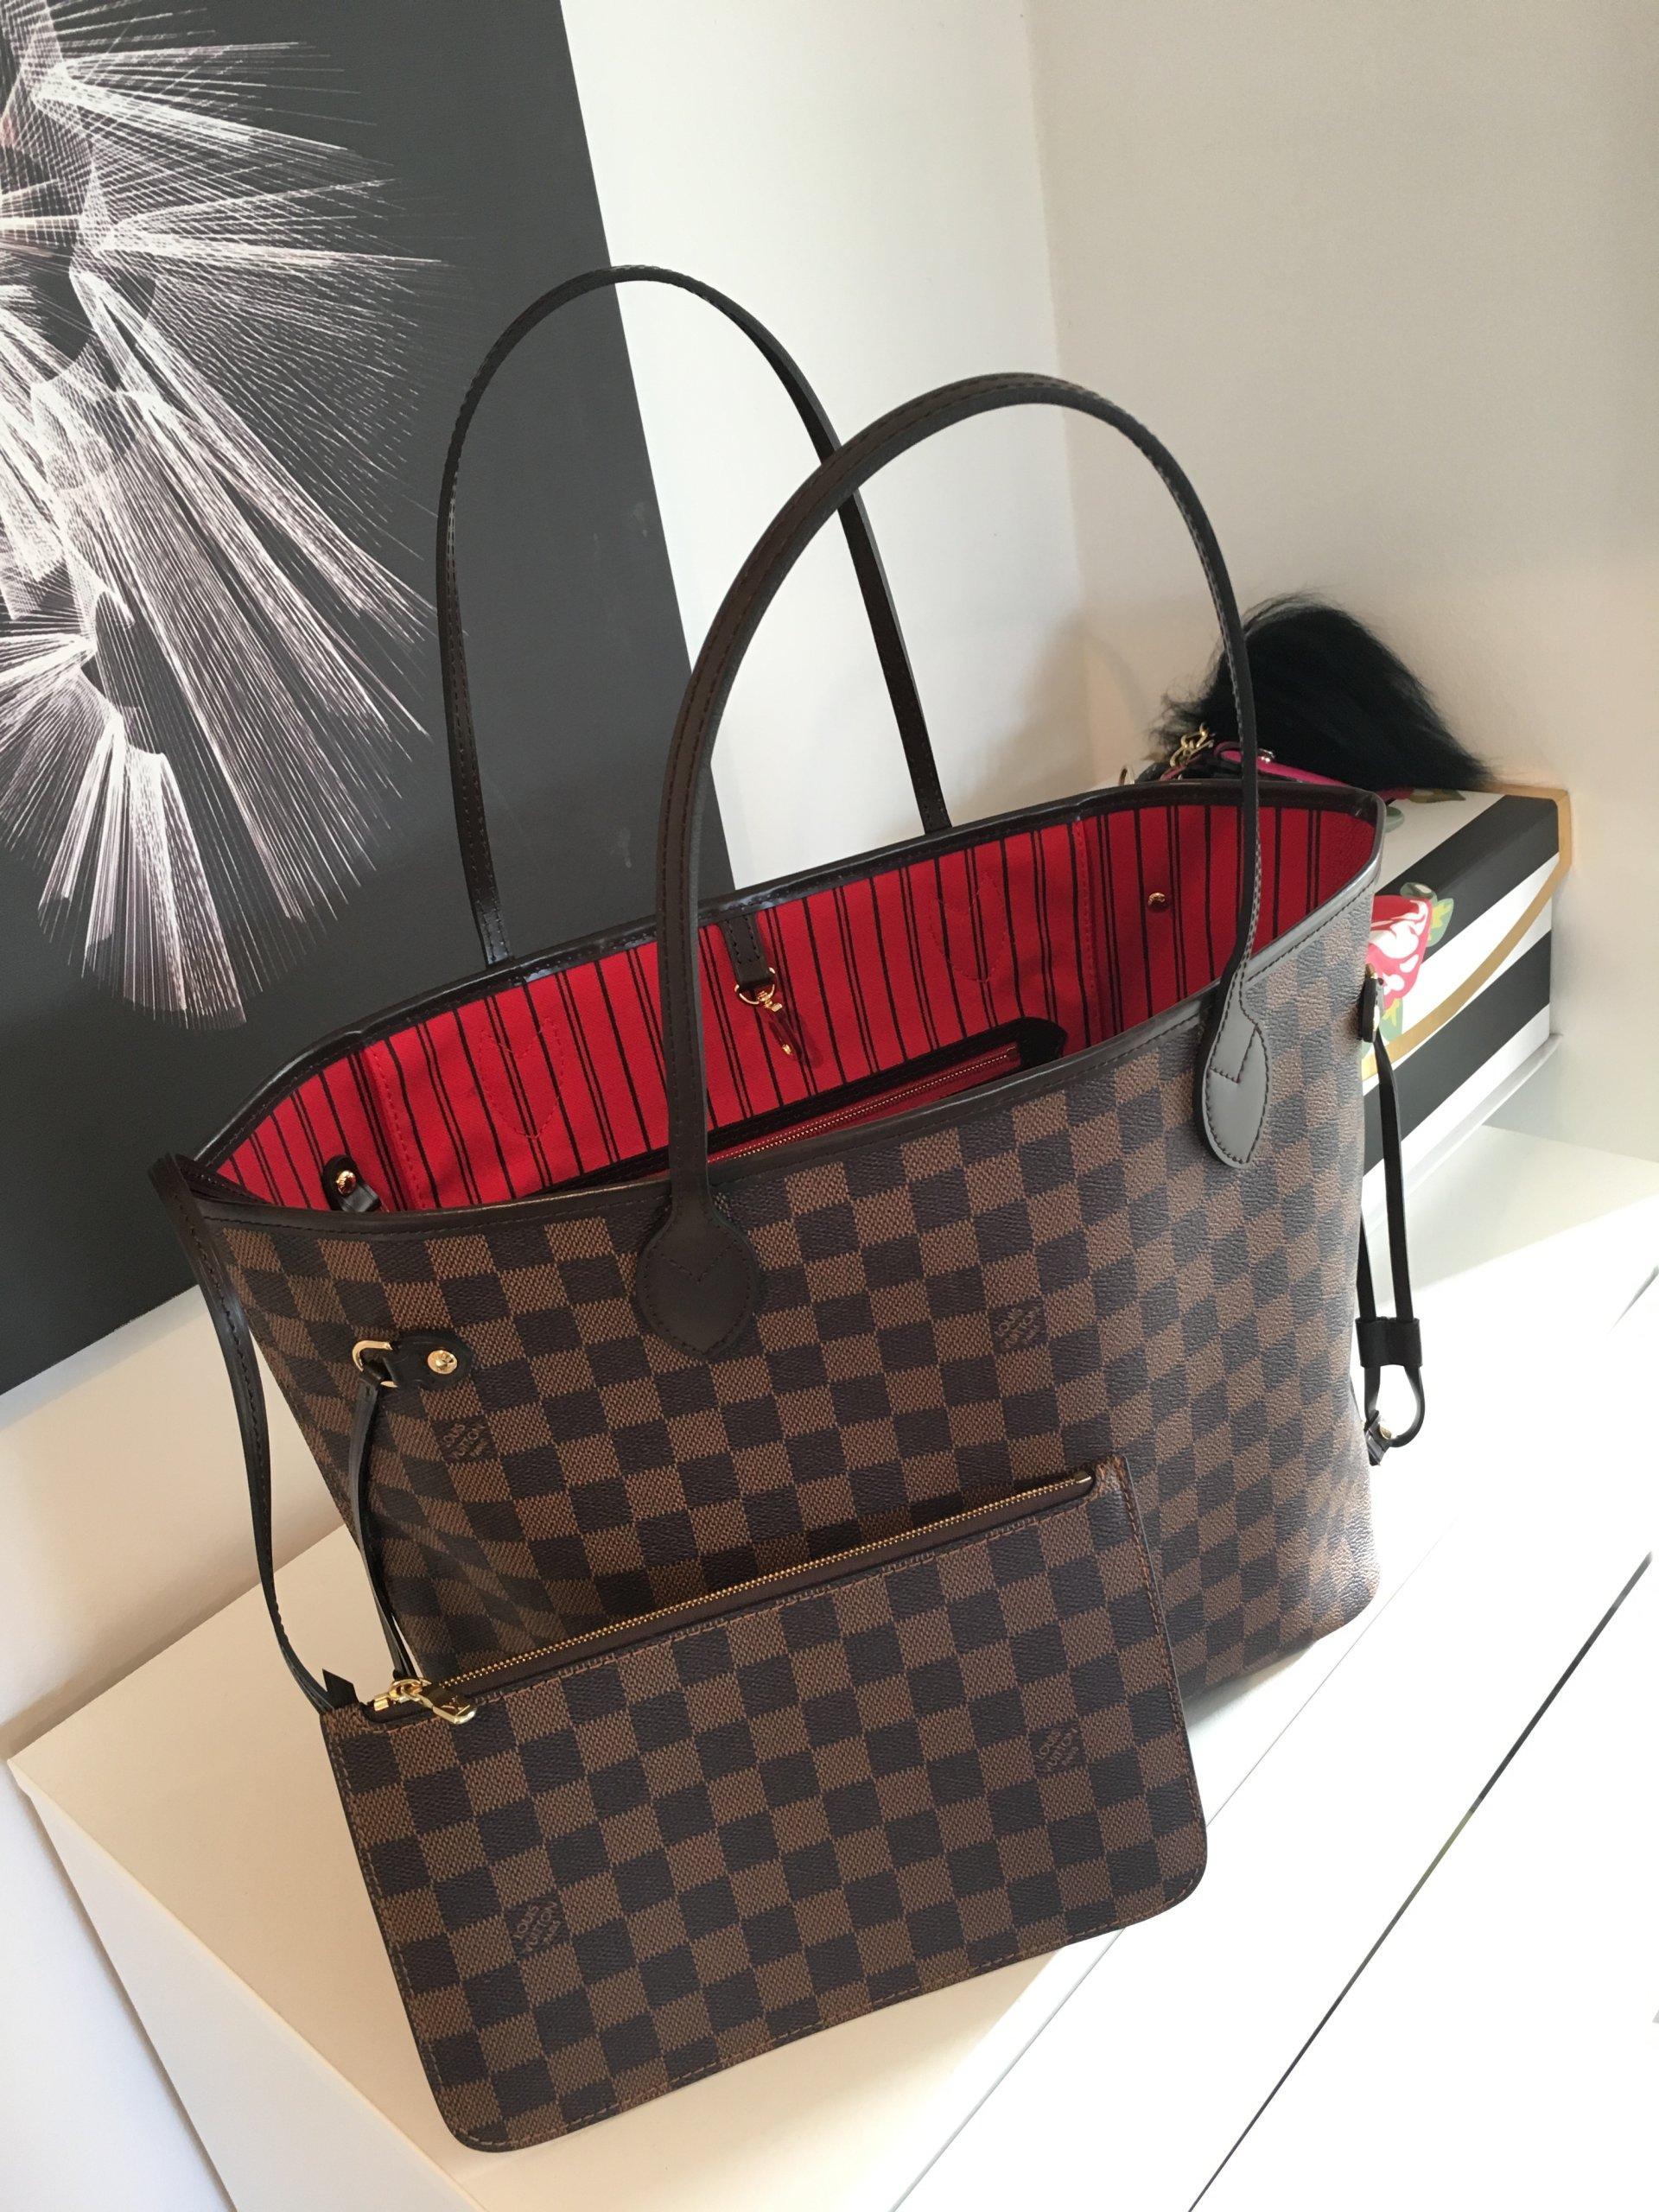 915dccaf1ec37 Klasyk Louis Vuitton Damier Neverfull MM idealna! - 7181257288 ...